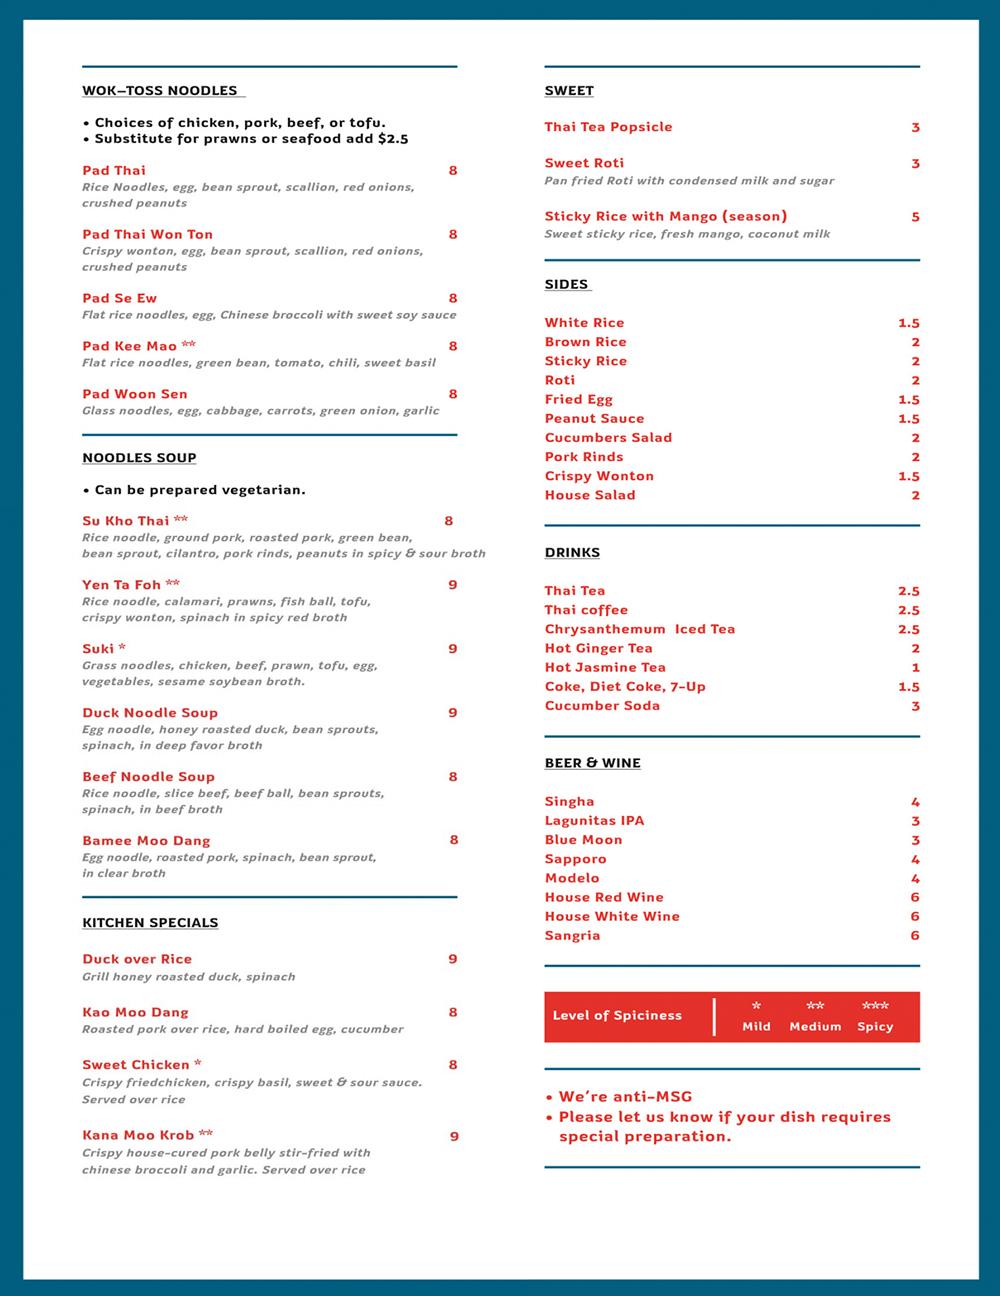 Чтобы понять порядок цен, посмотрите меню из тайского кафе, где мы часто обедали вместе с однокурсниками